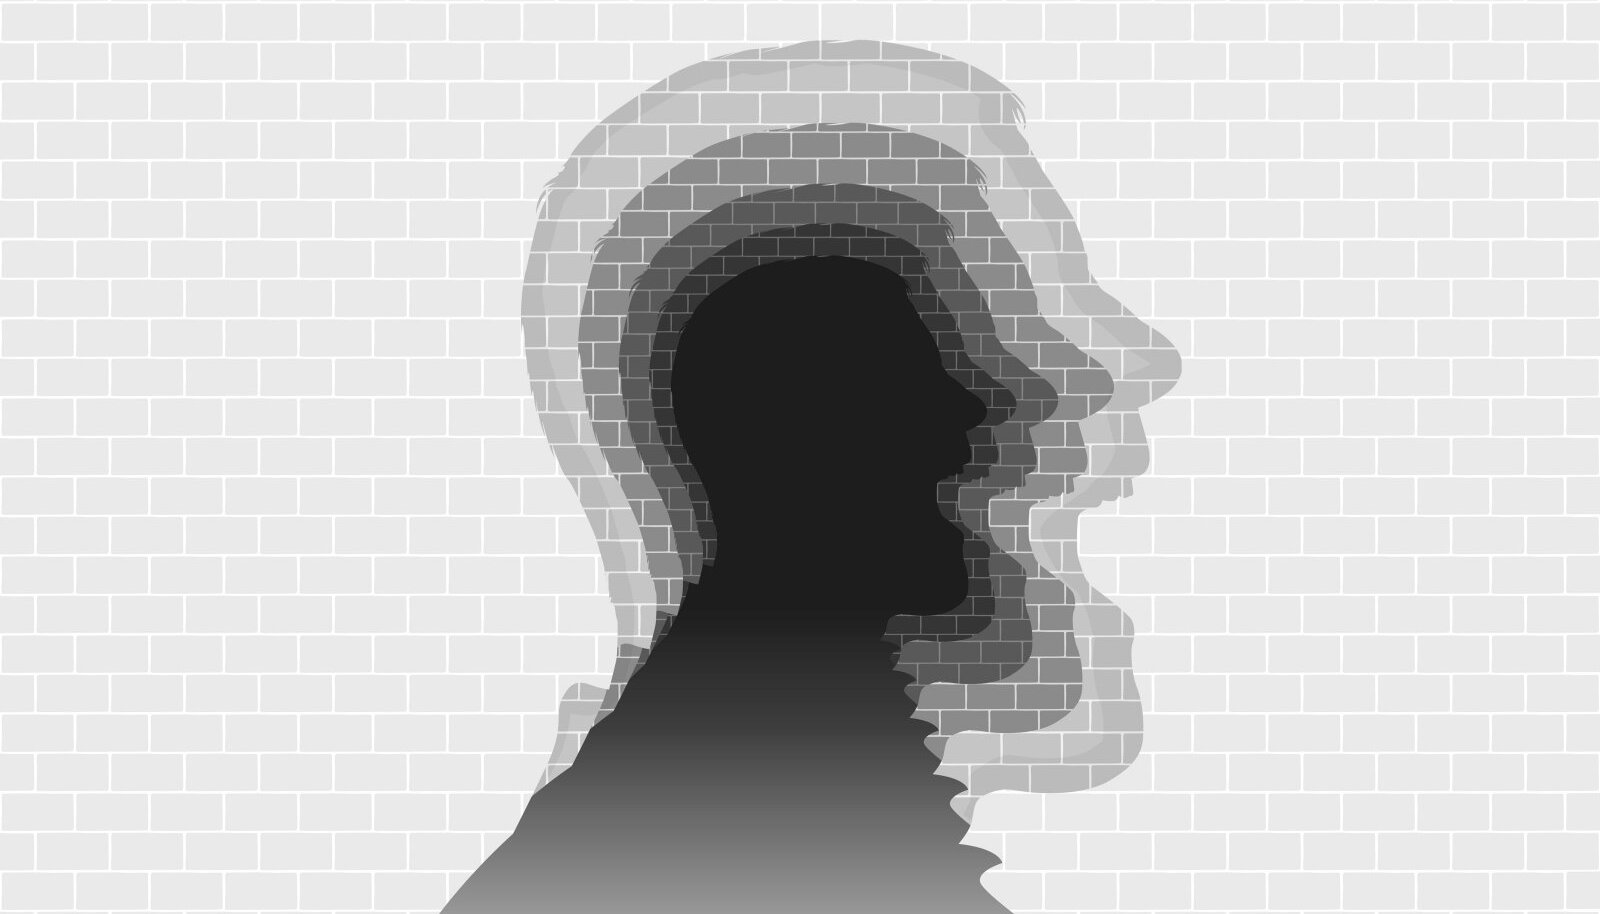 Värske audit näitab, et psühhiaatrilises ravis on probleeme nii diagnoosimise kui seaduste järgmimisega.